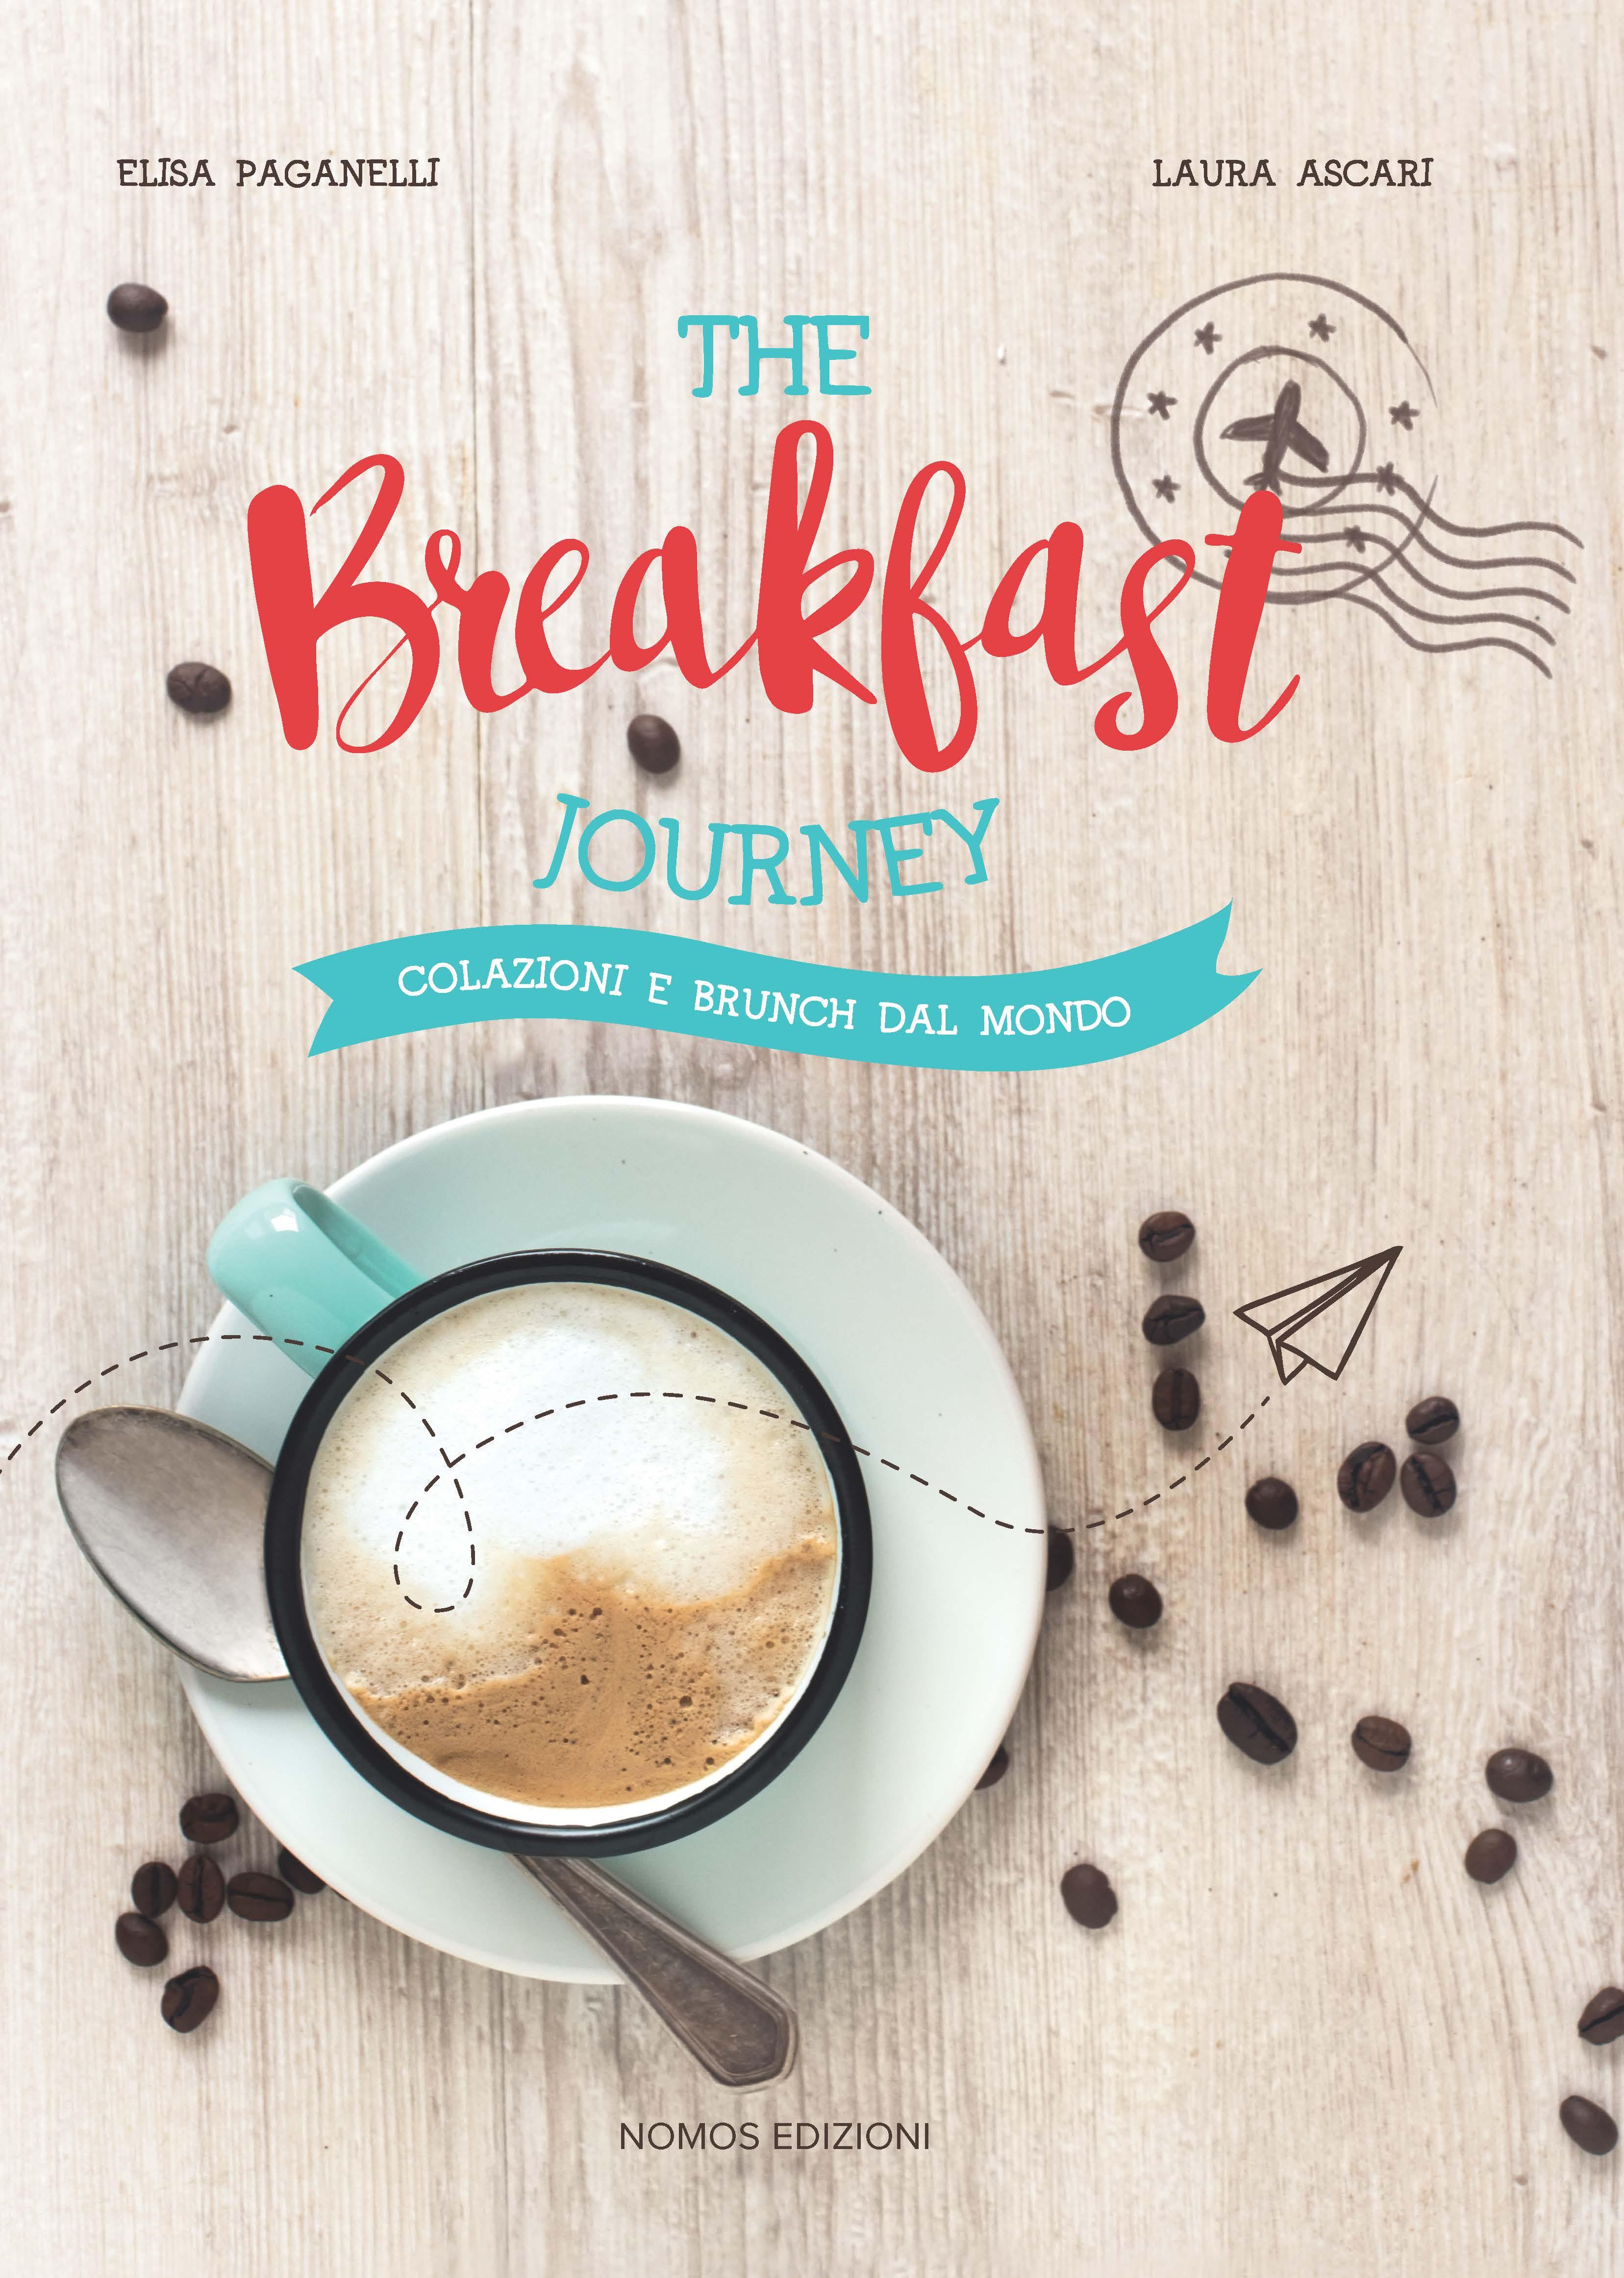 The Breakfast Journey. Colazioni e brunch dal mondo